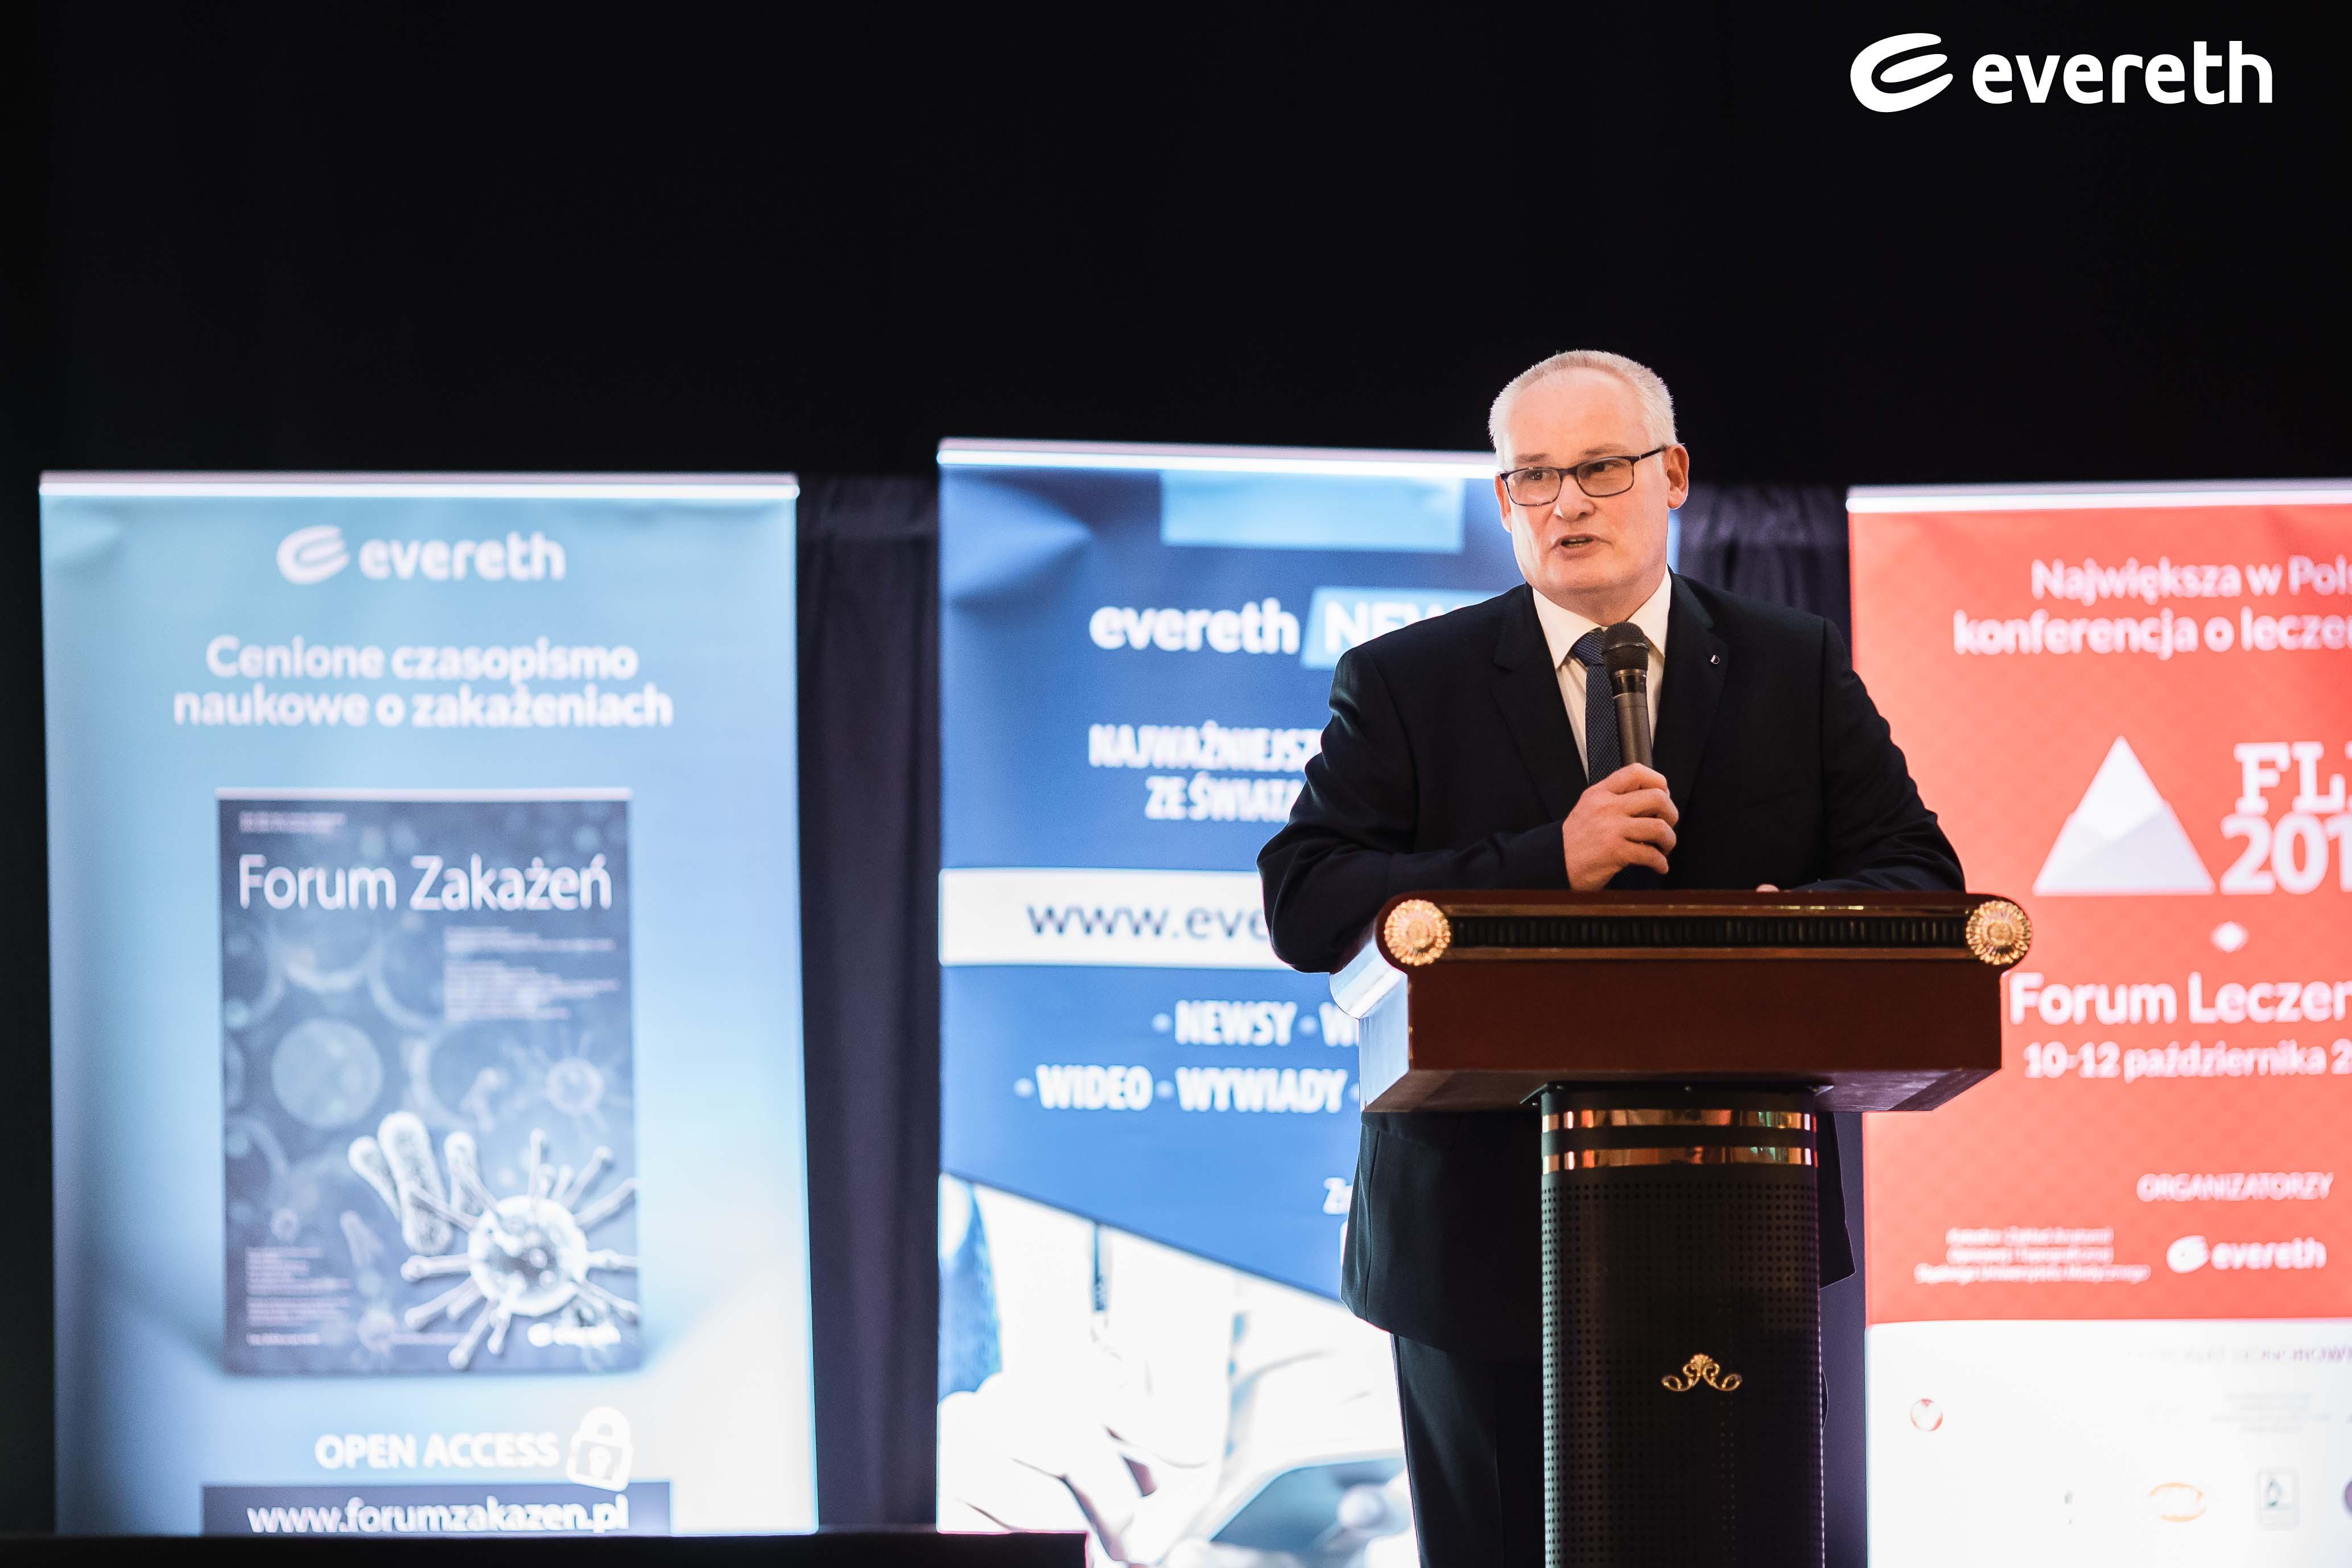 Dr hab. n. med. Marek Kucharzewski, Przewodniczący Komitatu Naukowego III Forum Leczenia Ran. Fot.: Evereth Publishing